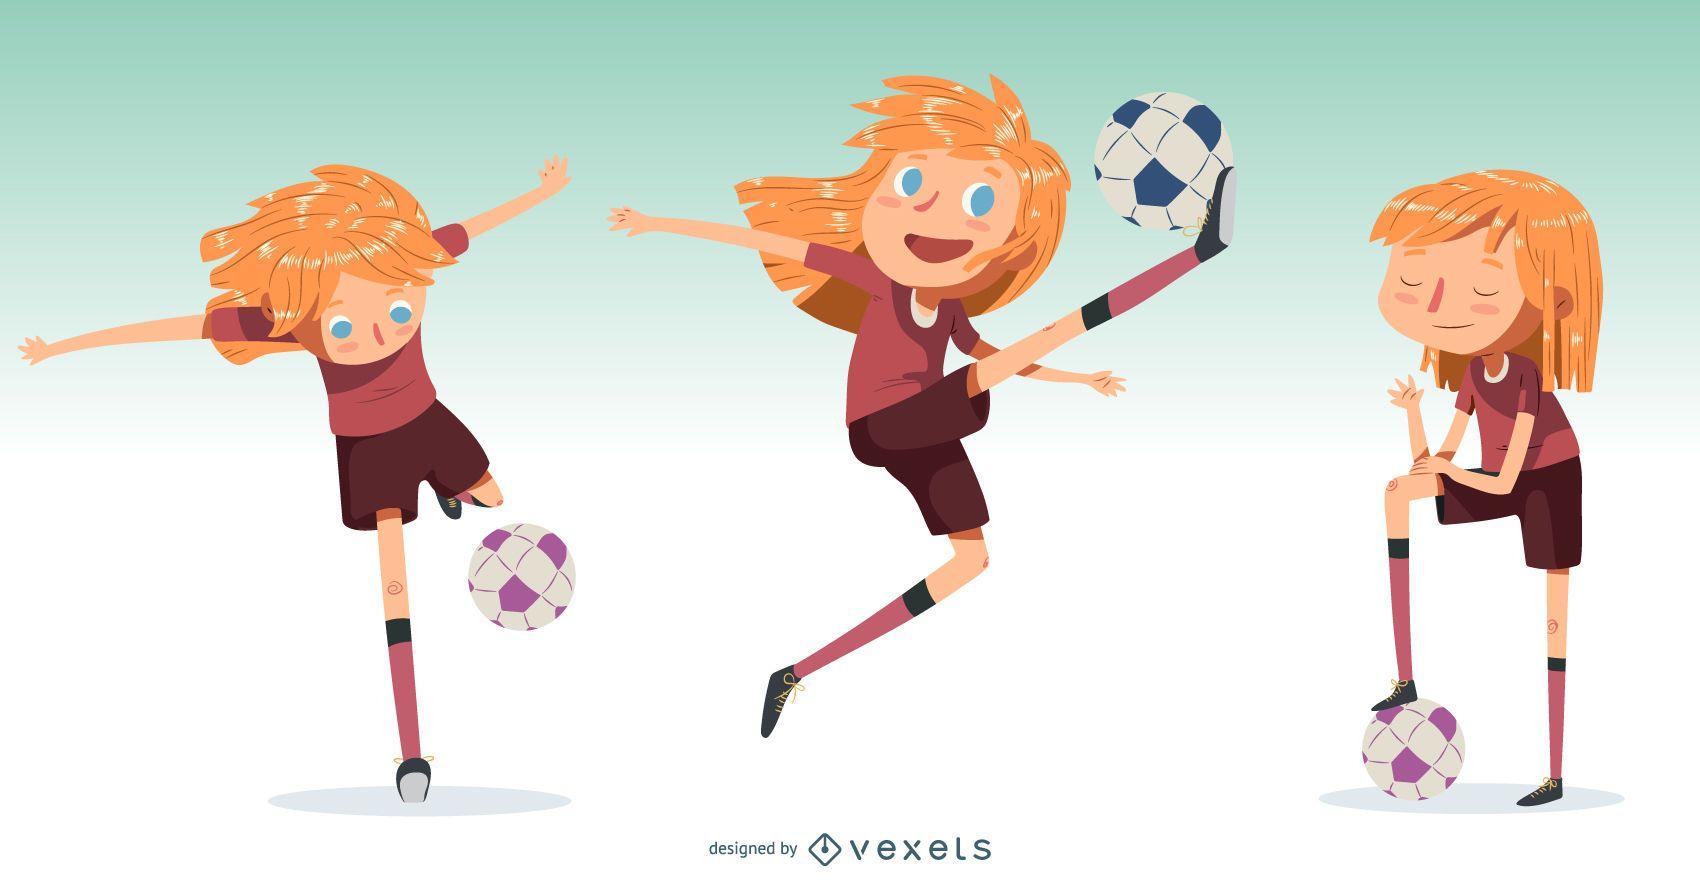 Little Girl Football Player Illustration